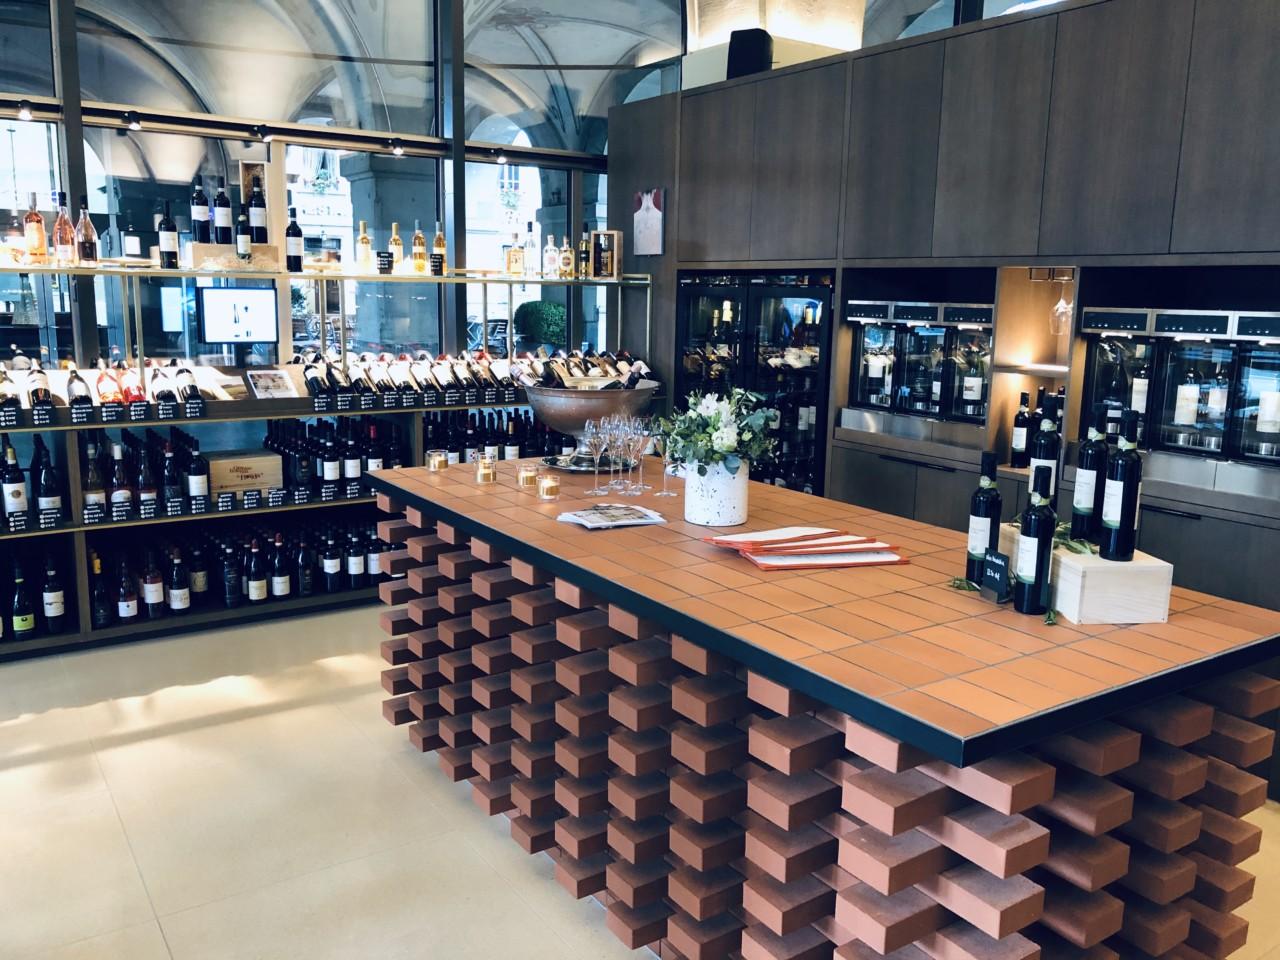 Ein Blick in die exquisit ausgestattete Weinbar - Foto: Lunchgate/Daniel